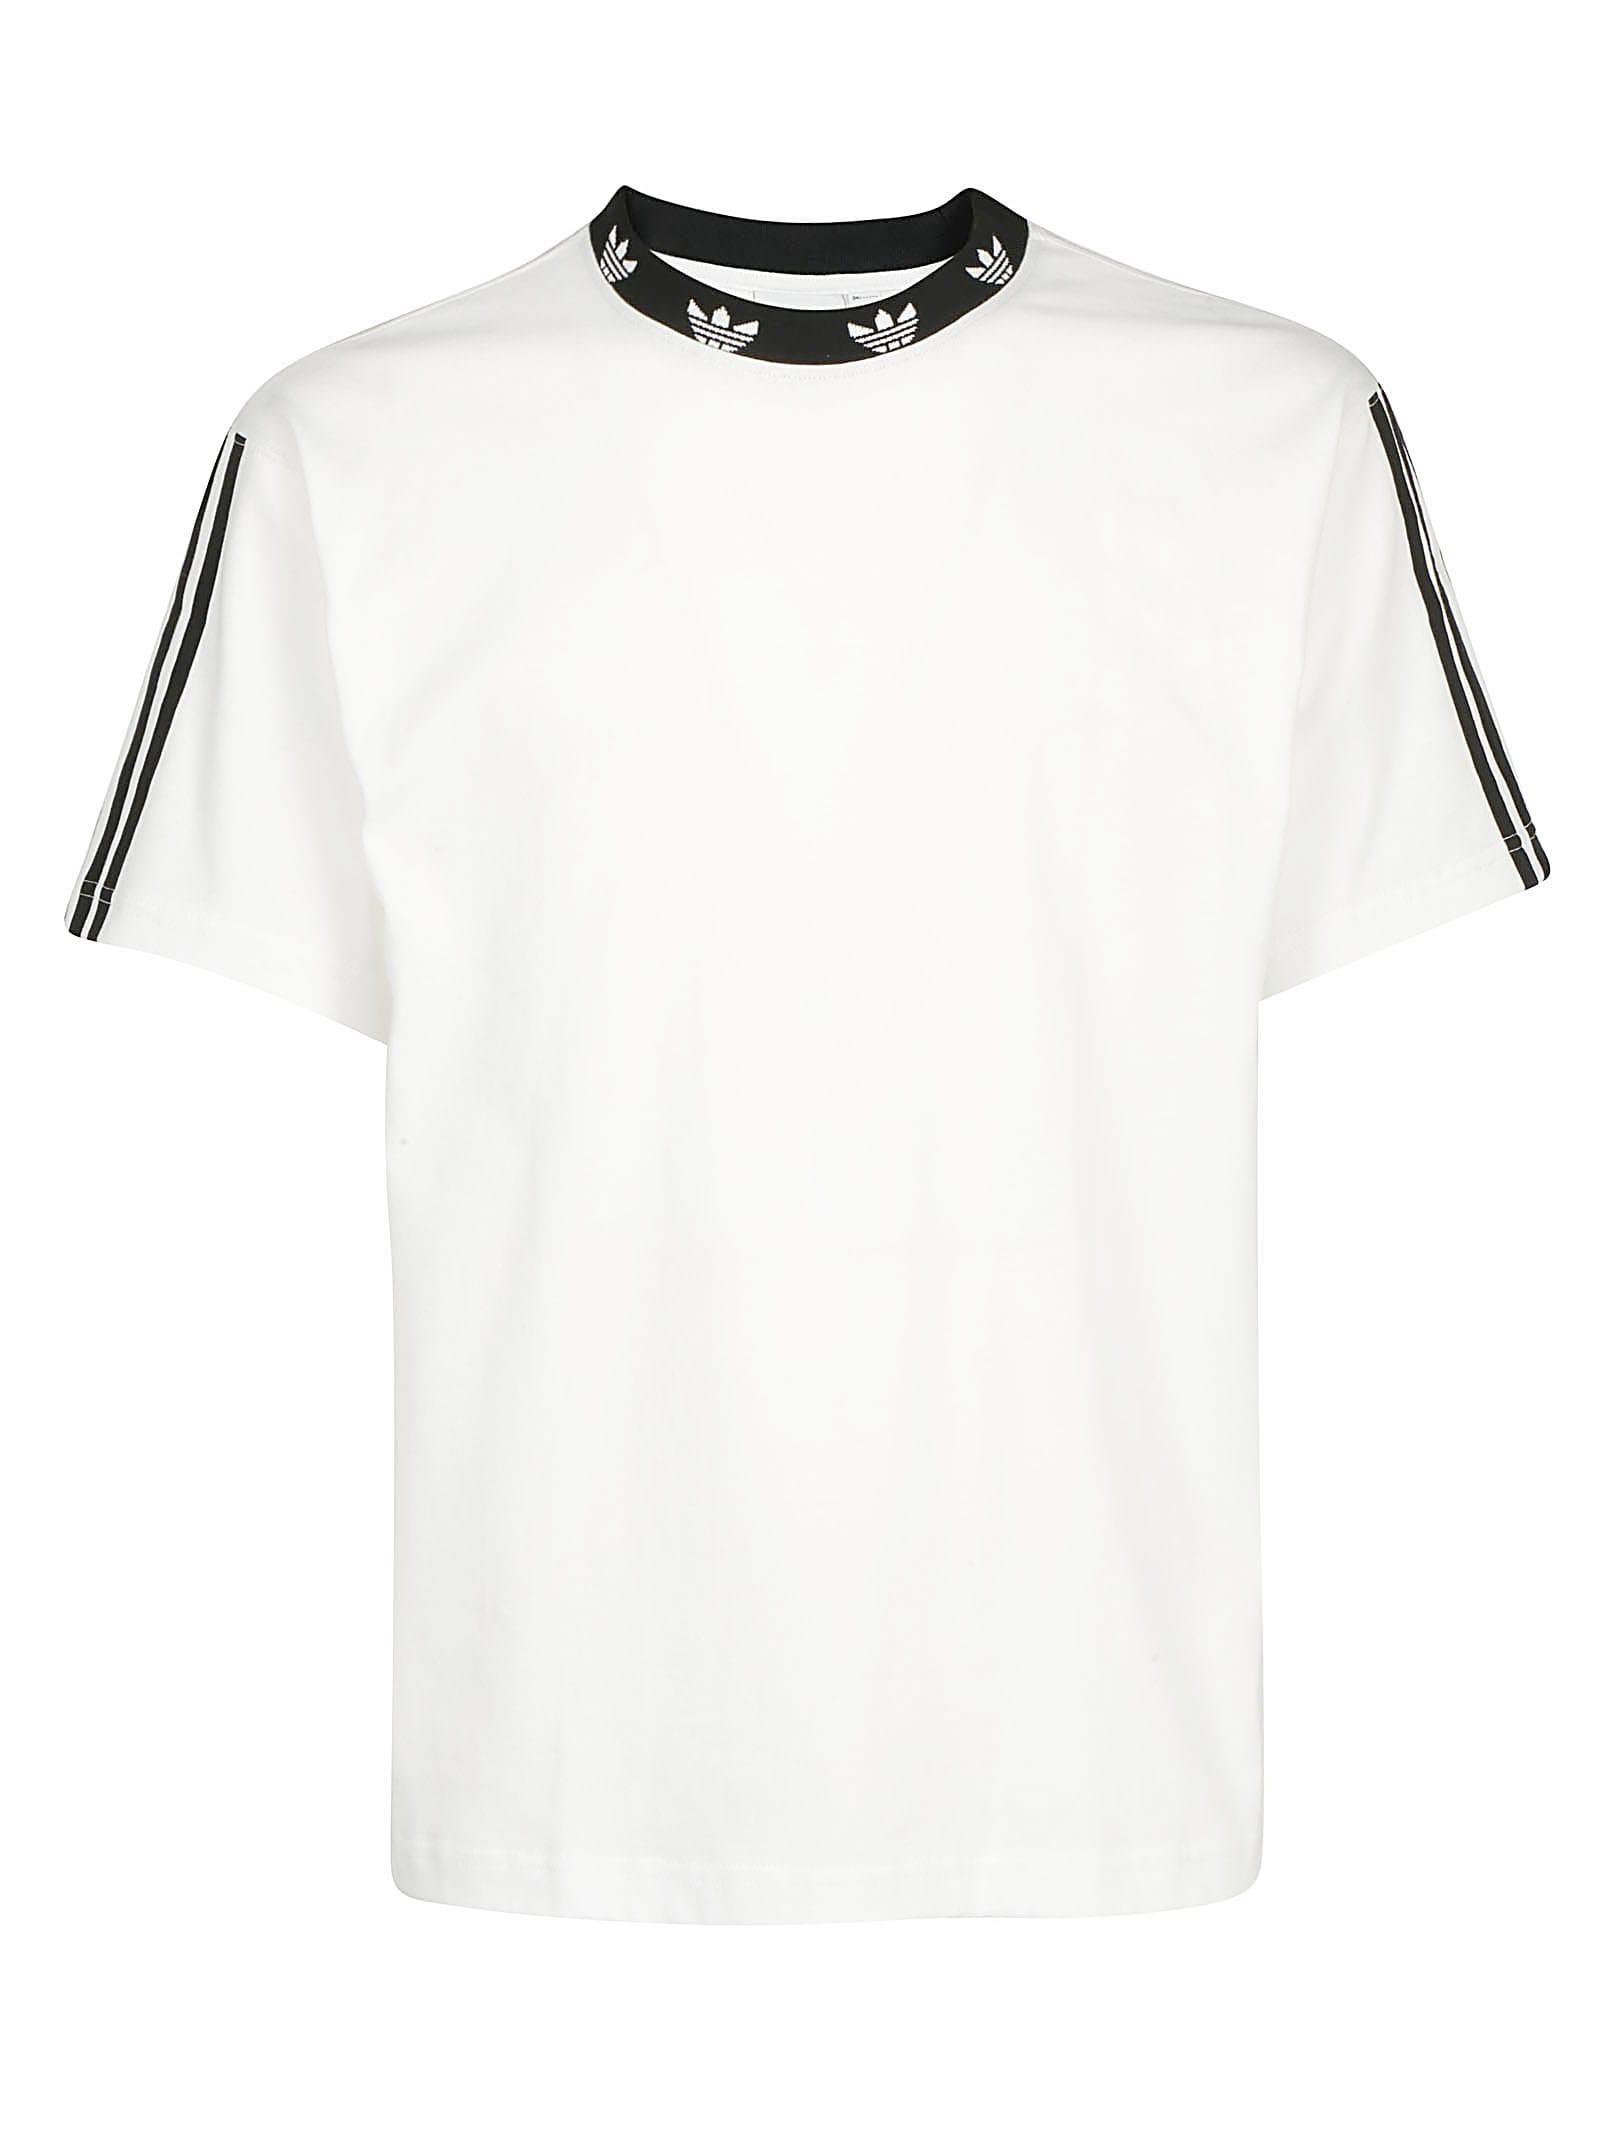 första kurs reducerat pris auktoriserad webbplats Adidas Adidas T-shirt - White - 11004038 | italist